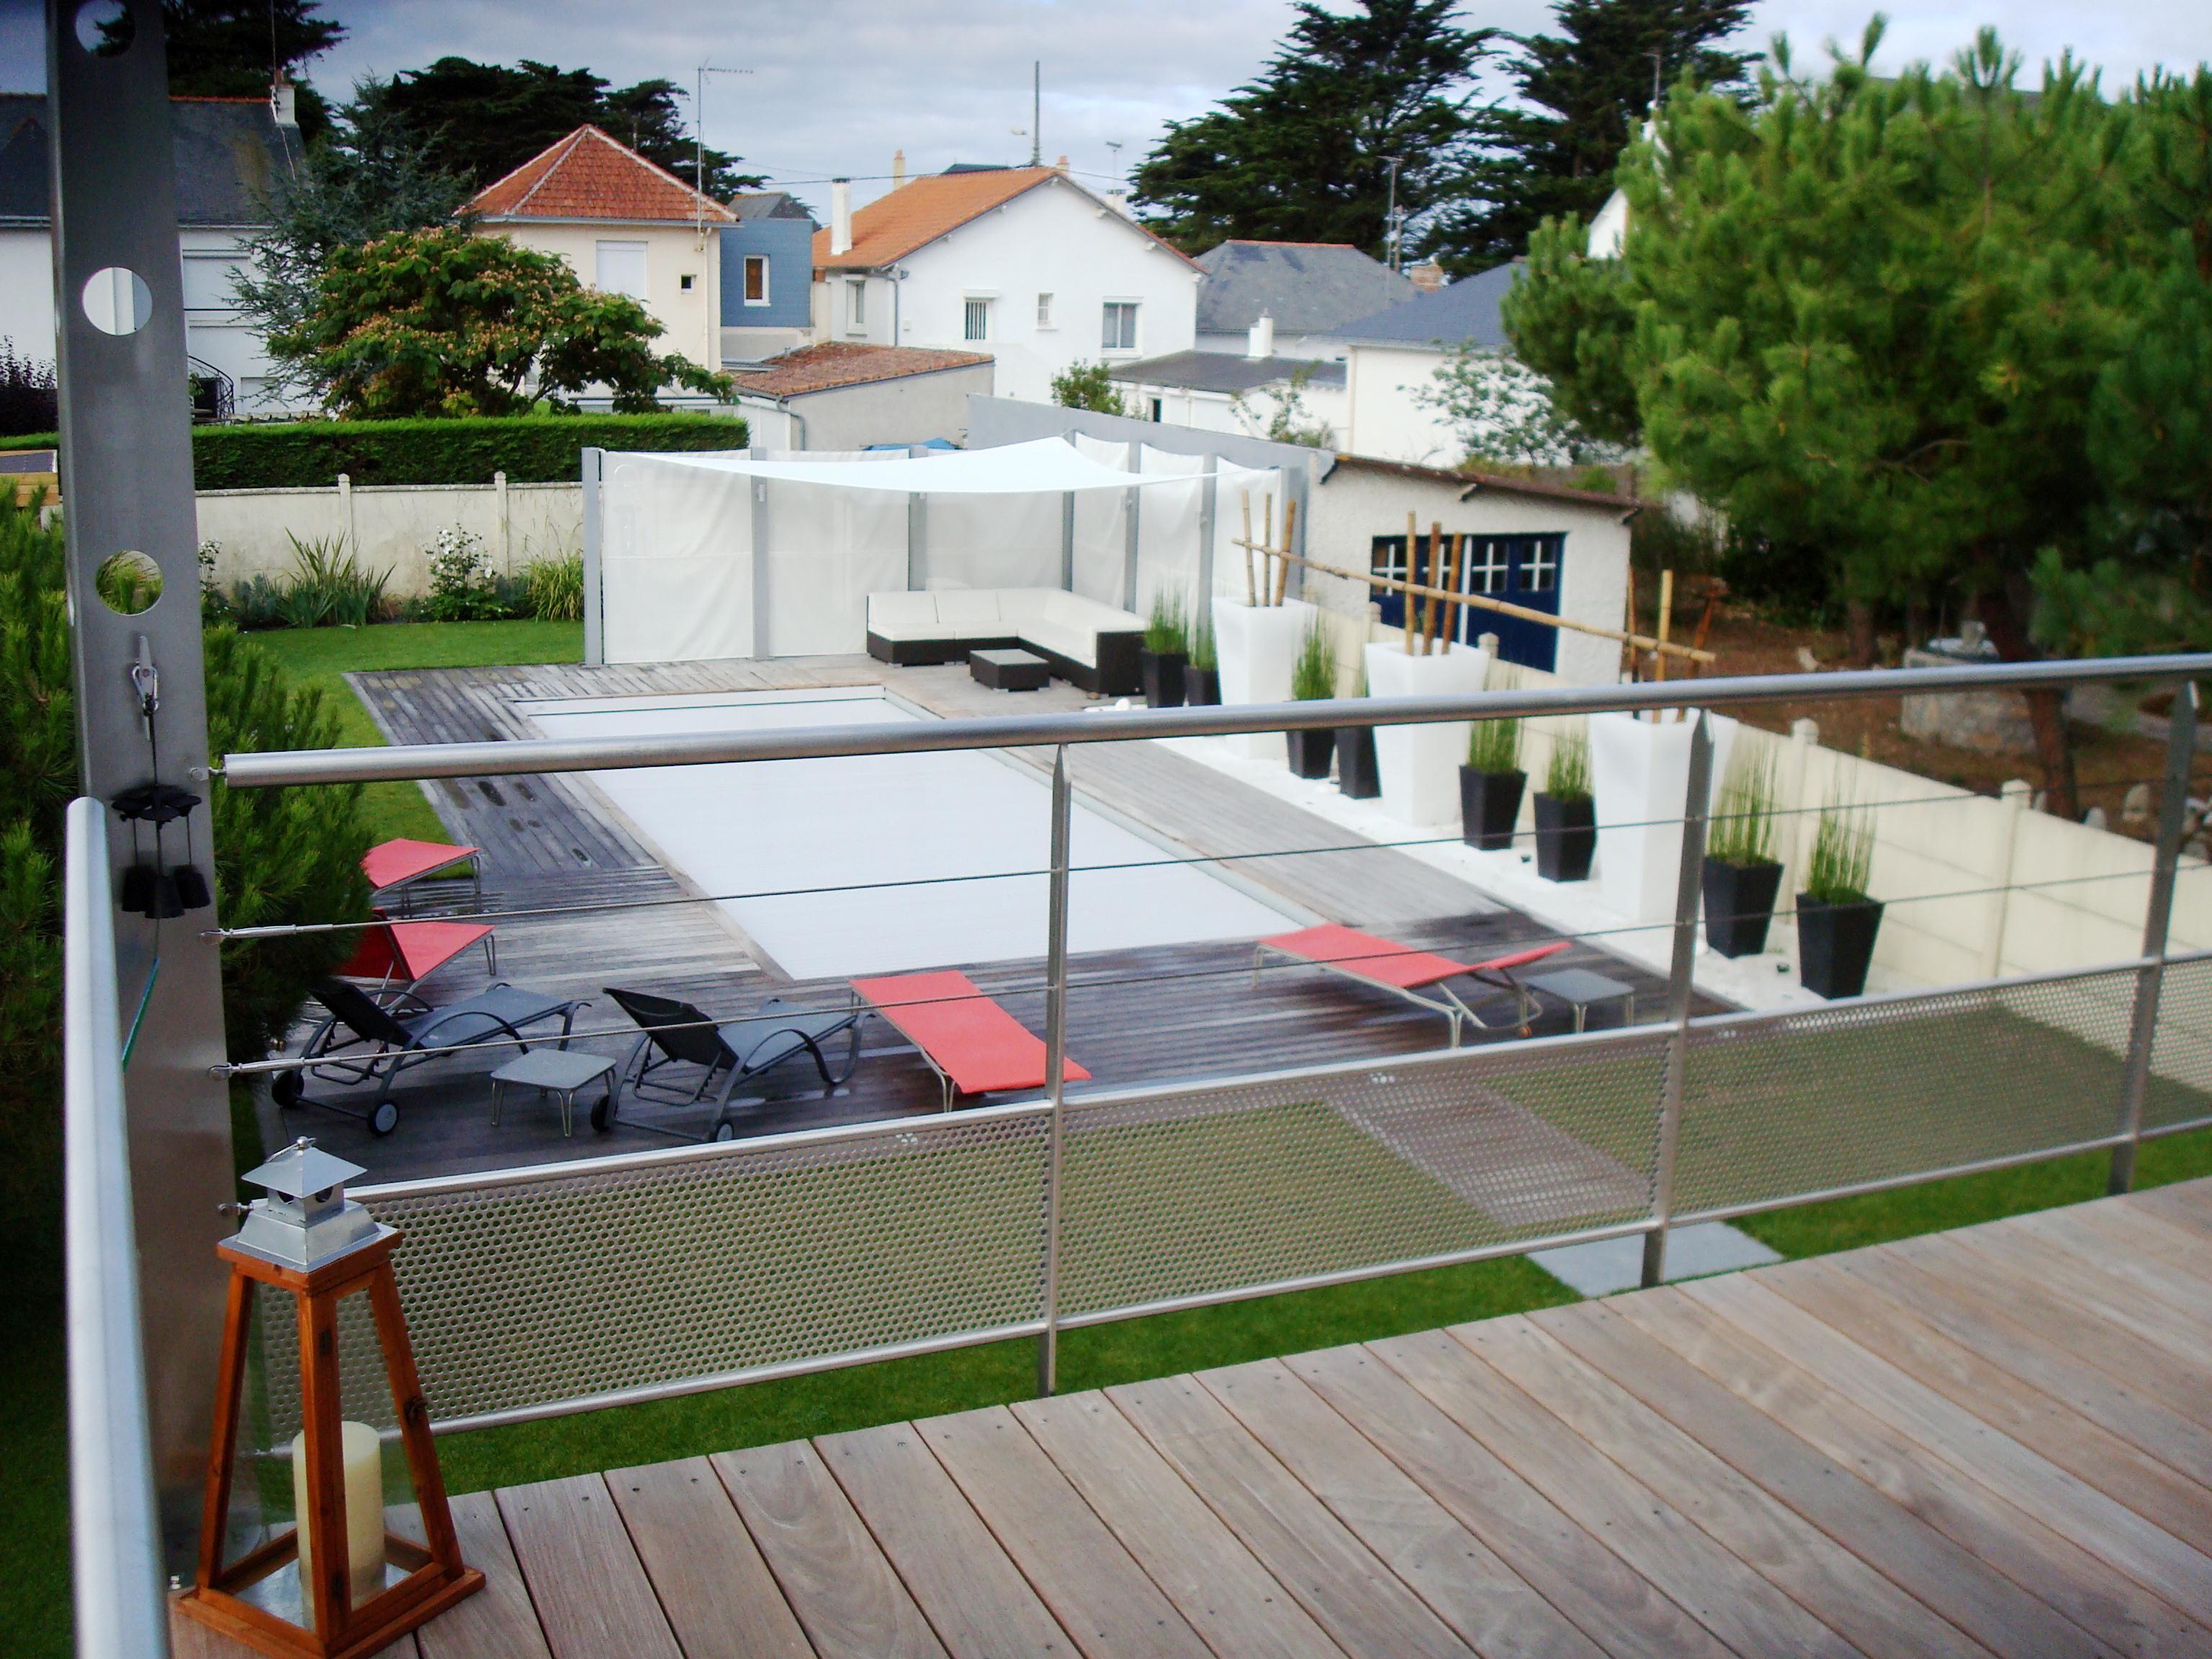 amnagement bord de piscine cration sarl pain concept design paysage france - Amenagement Bord De Piscine